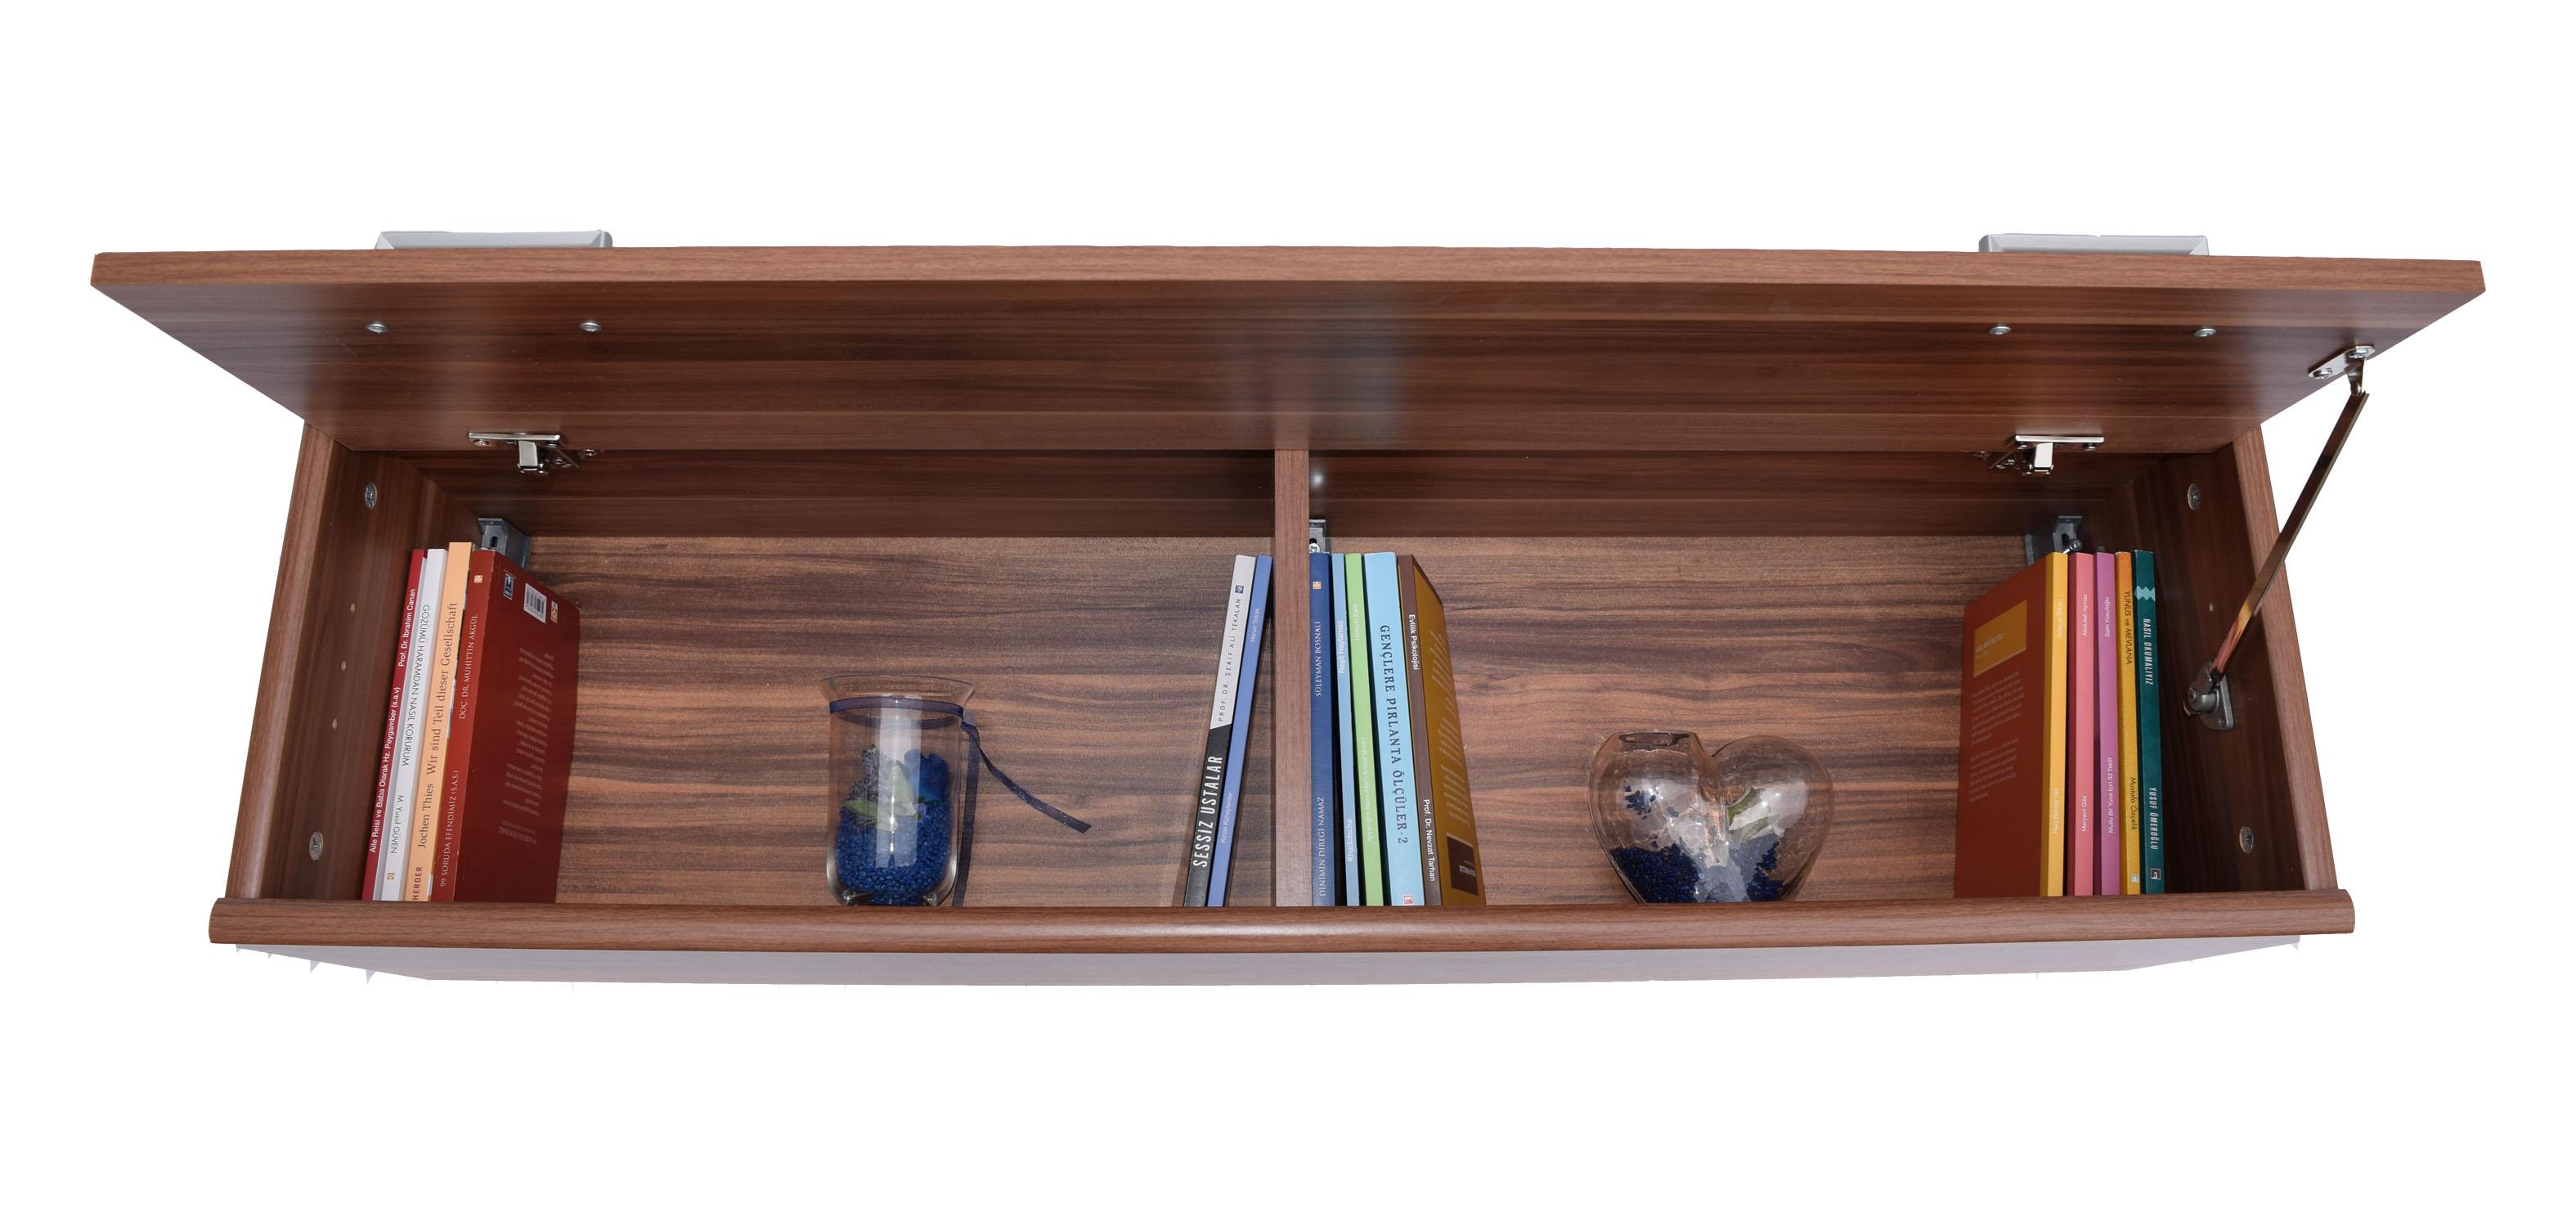 wandregal nussbaum 2017 09 03 17 46 43 erhalten sie entwurf inspiration f r ihr. Black Bedroom Furniture Sets. Home Design Ideas